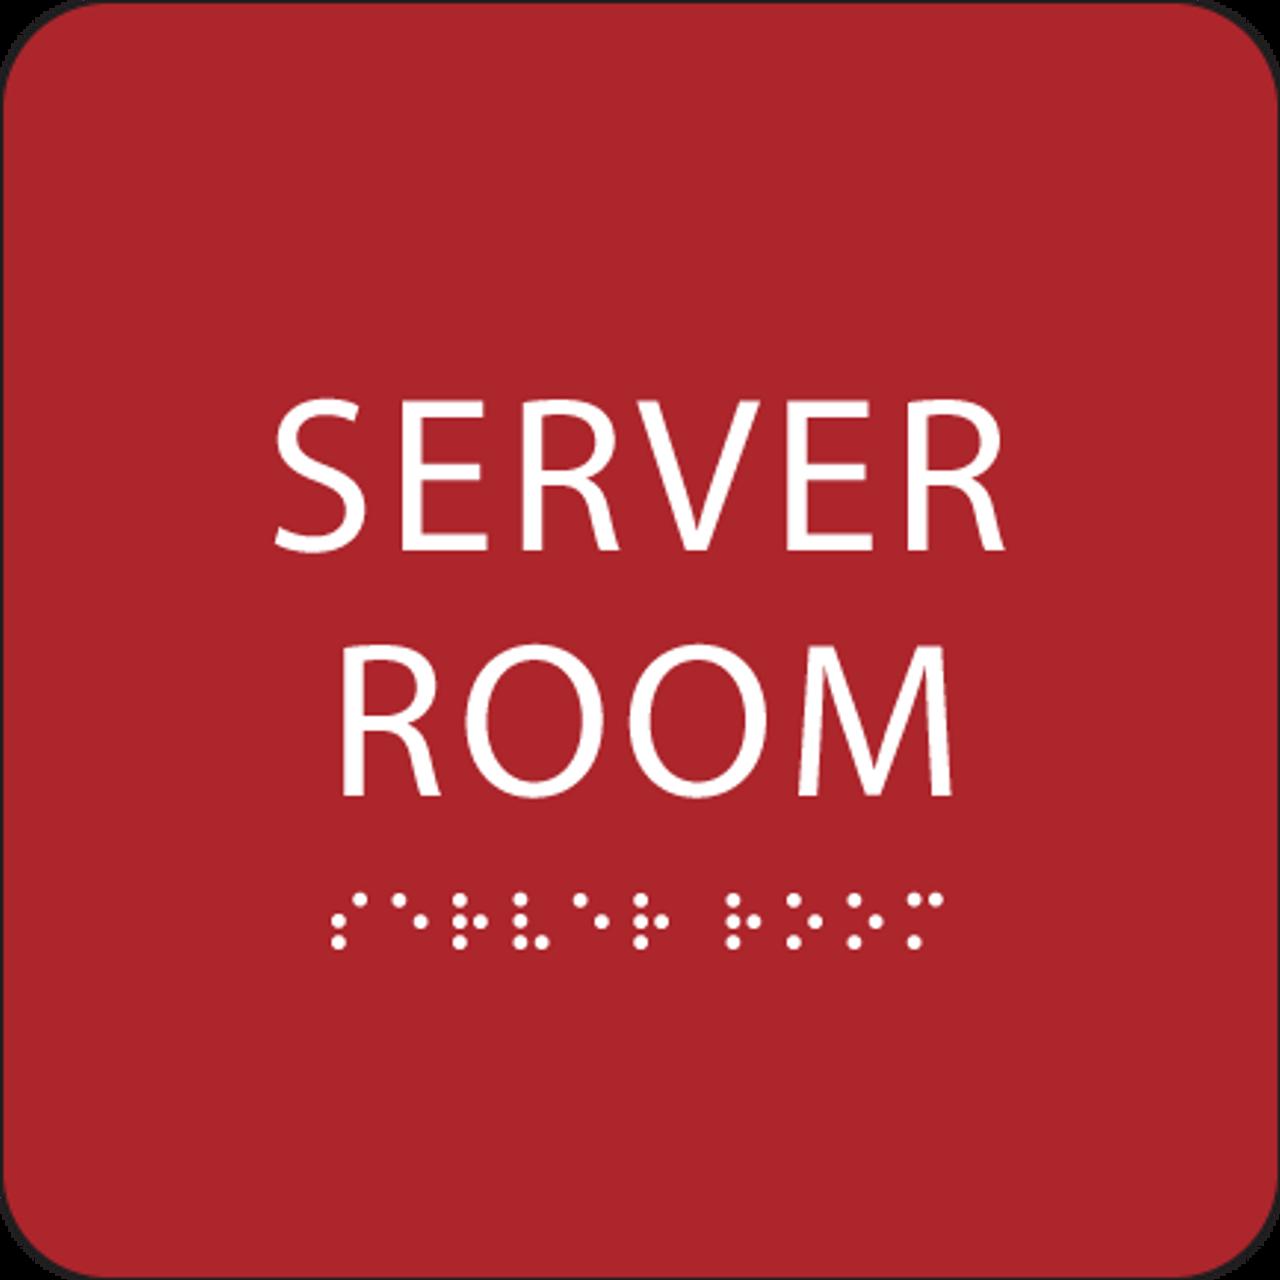 Red  Server Room ADA Sign